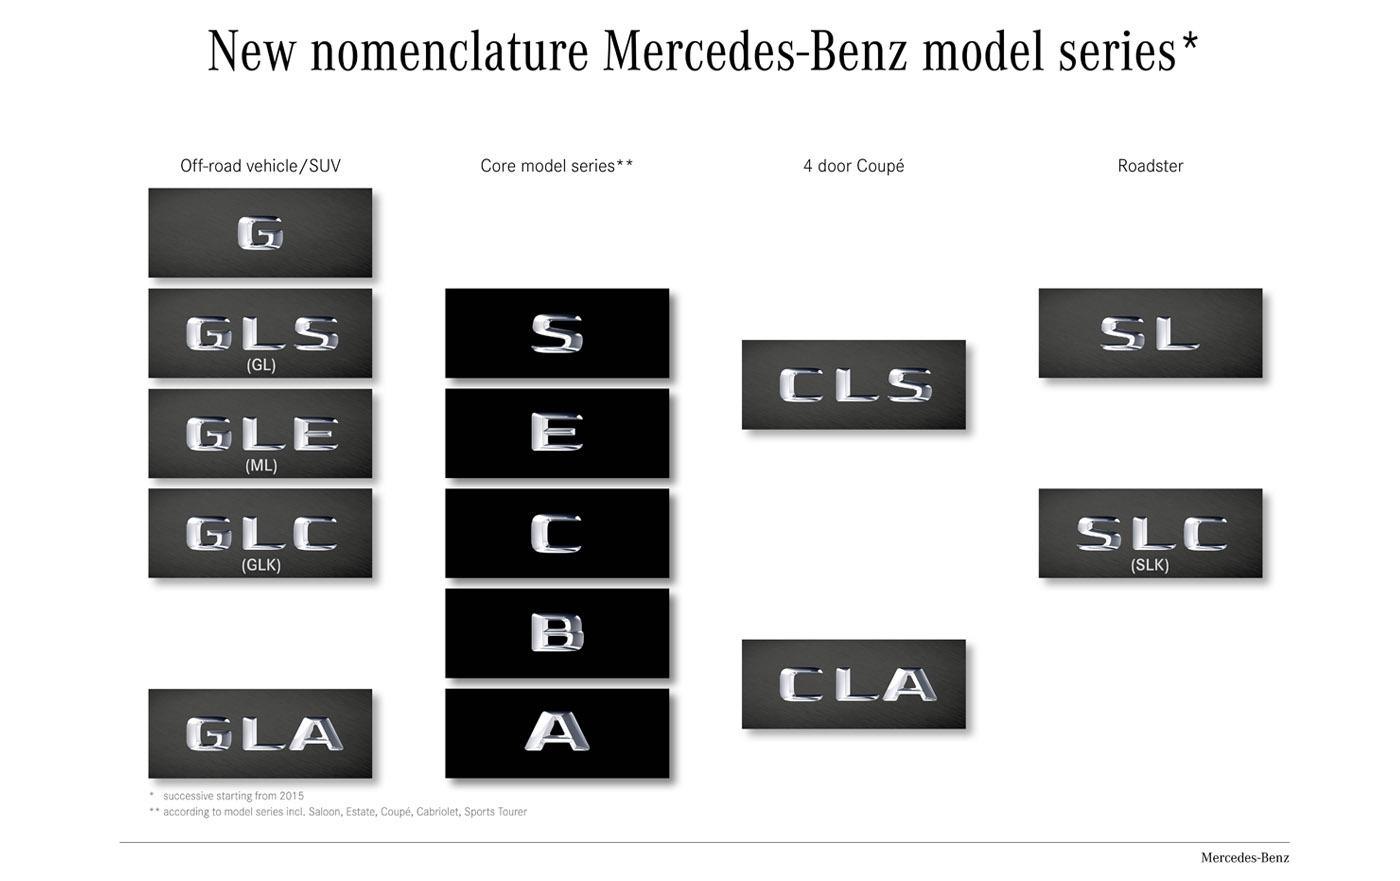 Mercedes-Benz naamgevingen 2